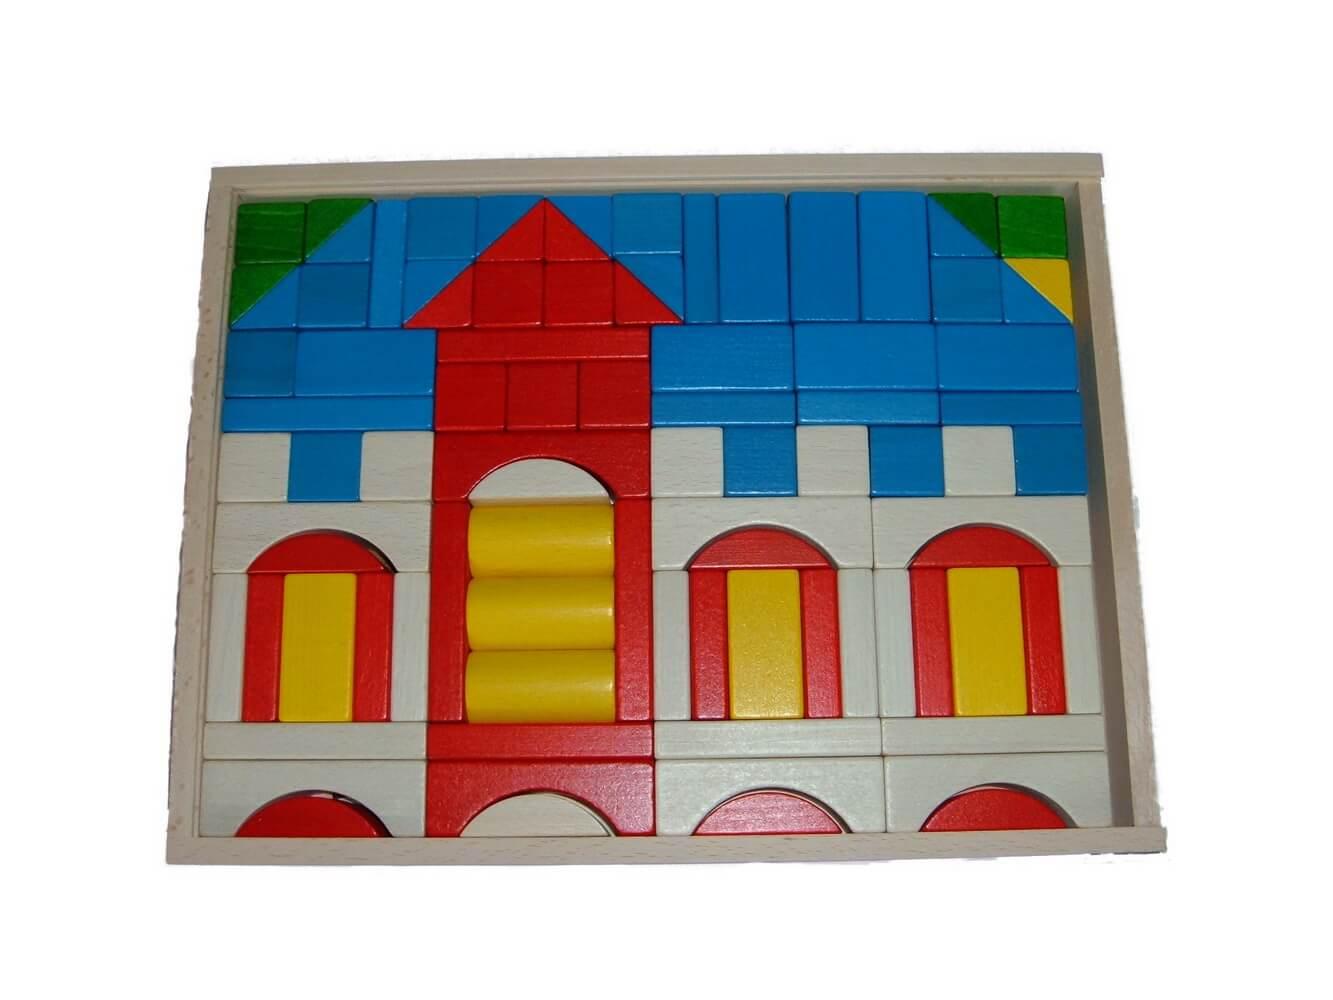 """Mit dem Baukasten """"Schloß"""" können auch schon die Kleinsten ein variantenreiches Bauen erleben. Die 91 Bausteine teils farbig, teils farblos lackiert …"""